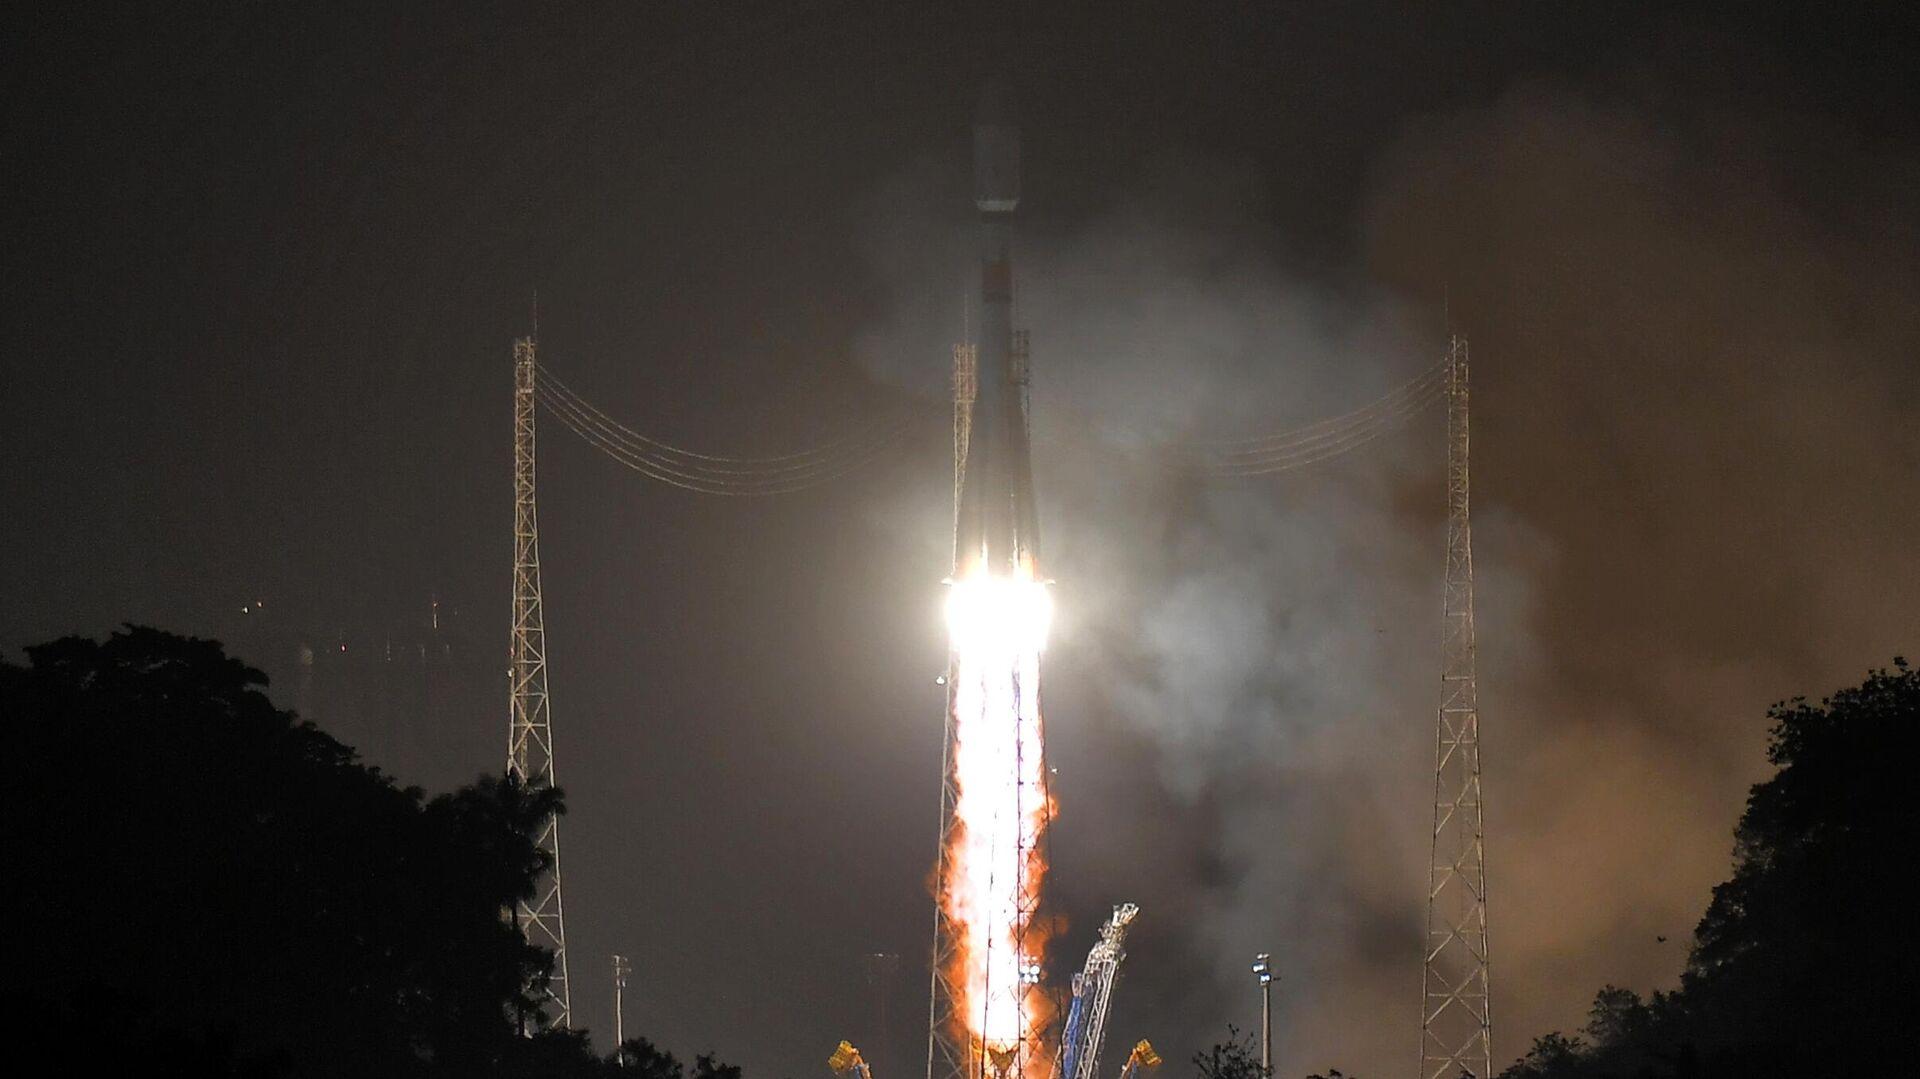 Запуск ракеты-носителя Союз-СТ с космодрома Куру во Французской Гвиане - РИА Новости, 1920, 18.10.2020